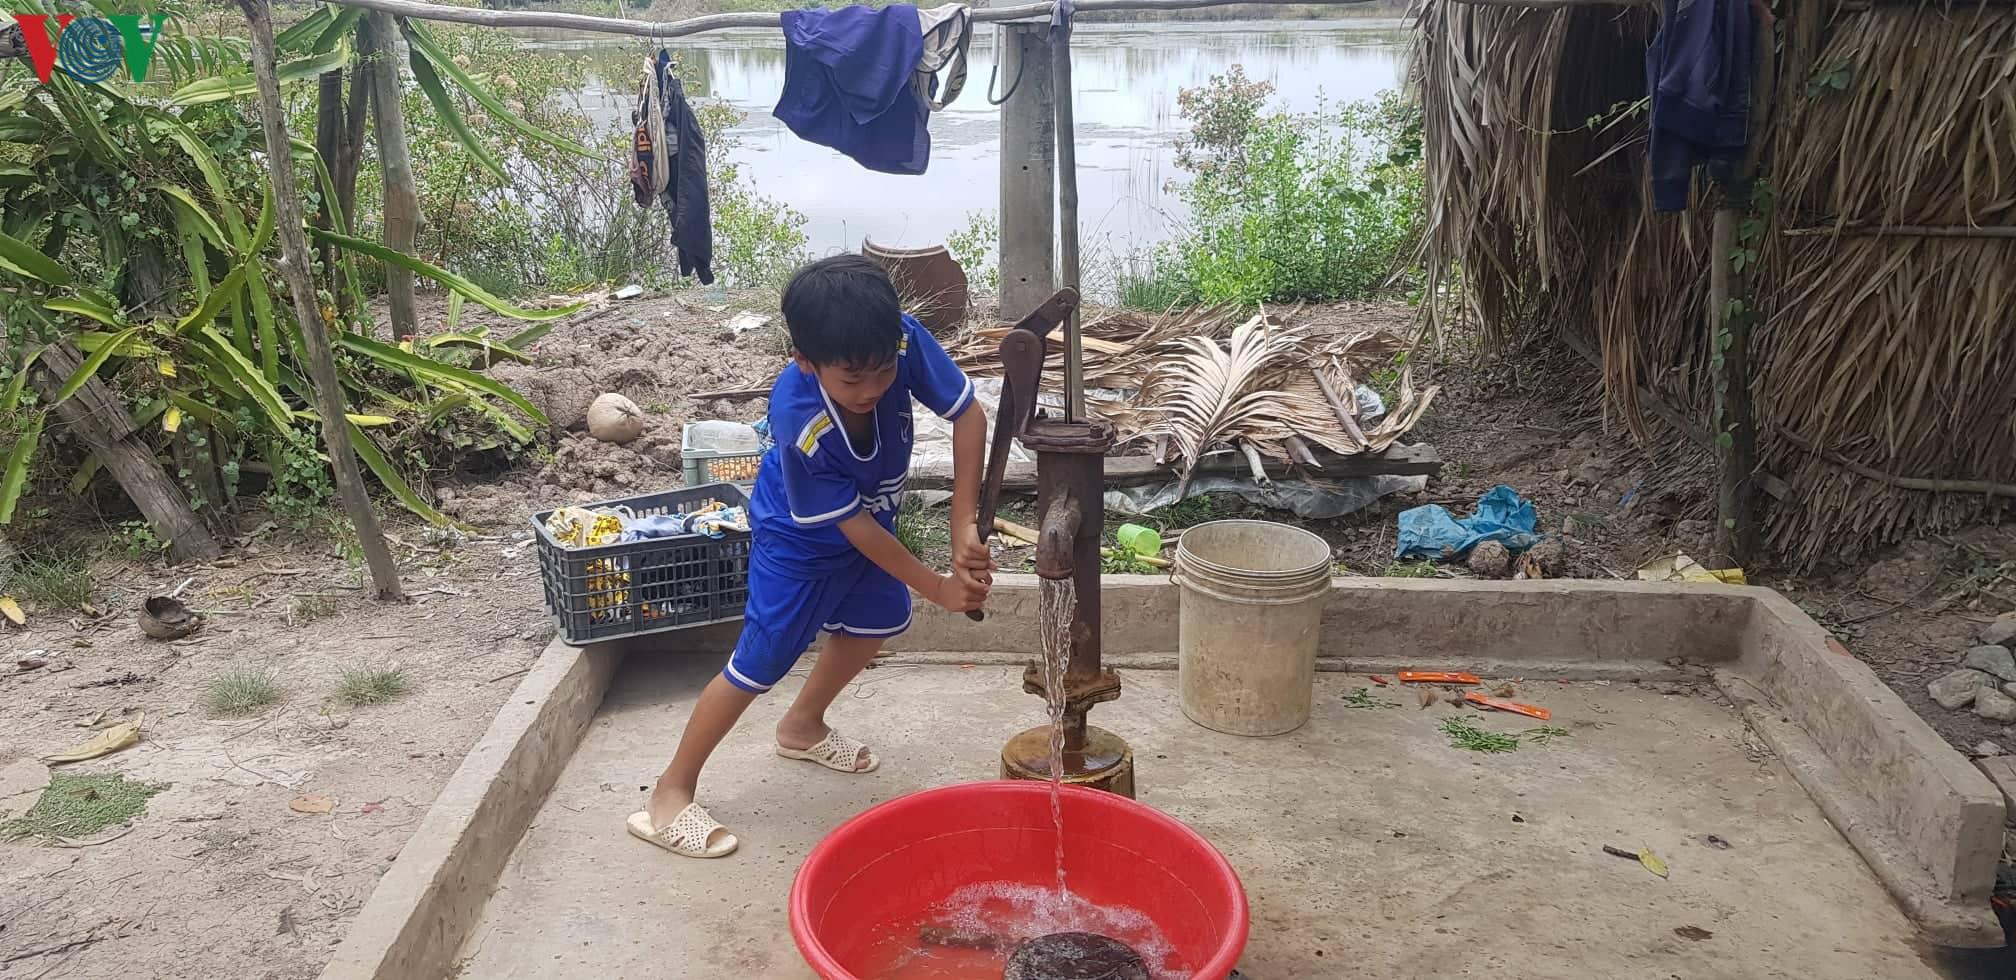 Kiên Giang: Giải pháp đảm bảo nước sạch sinh hoạt vùng ven biển, hải đảo (13/3/2020)